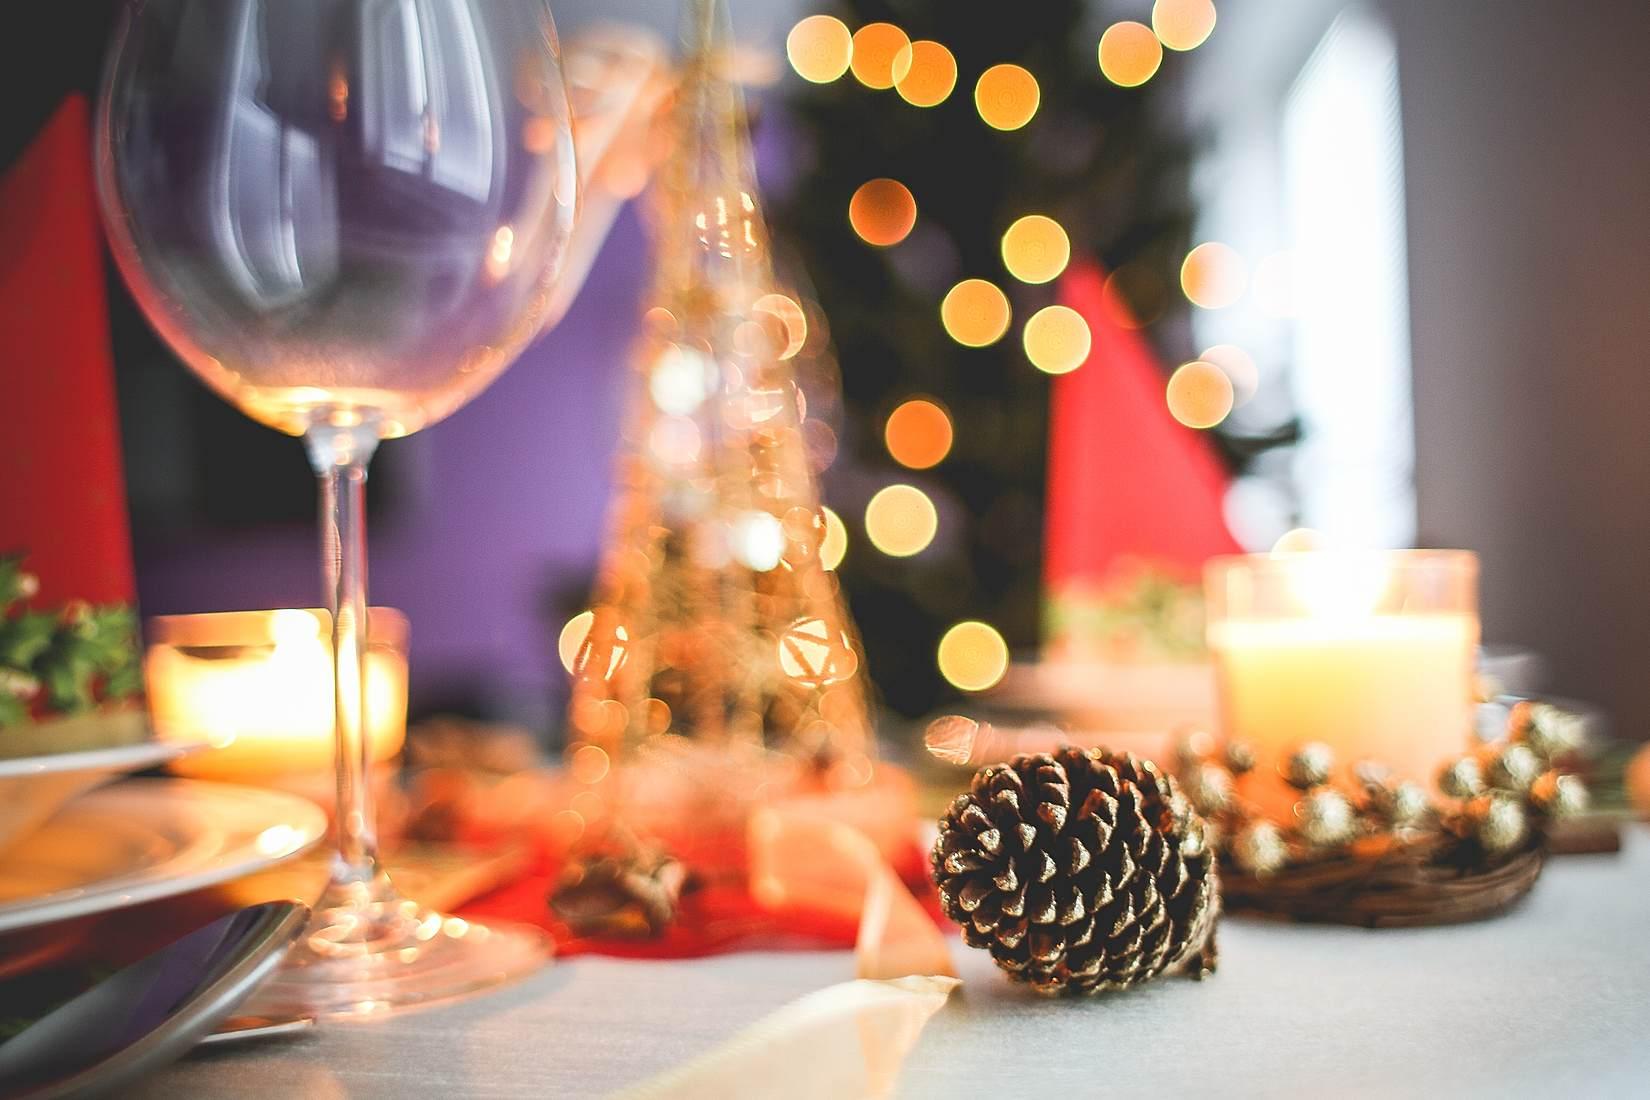 +в новогоднюю ночь ждем +мы новых чудес